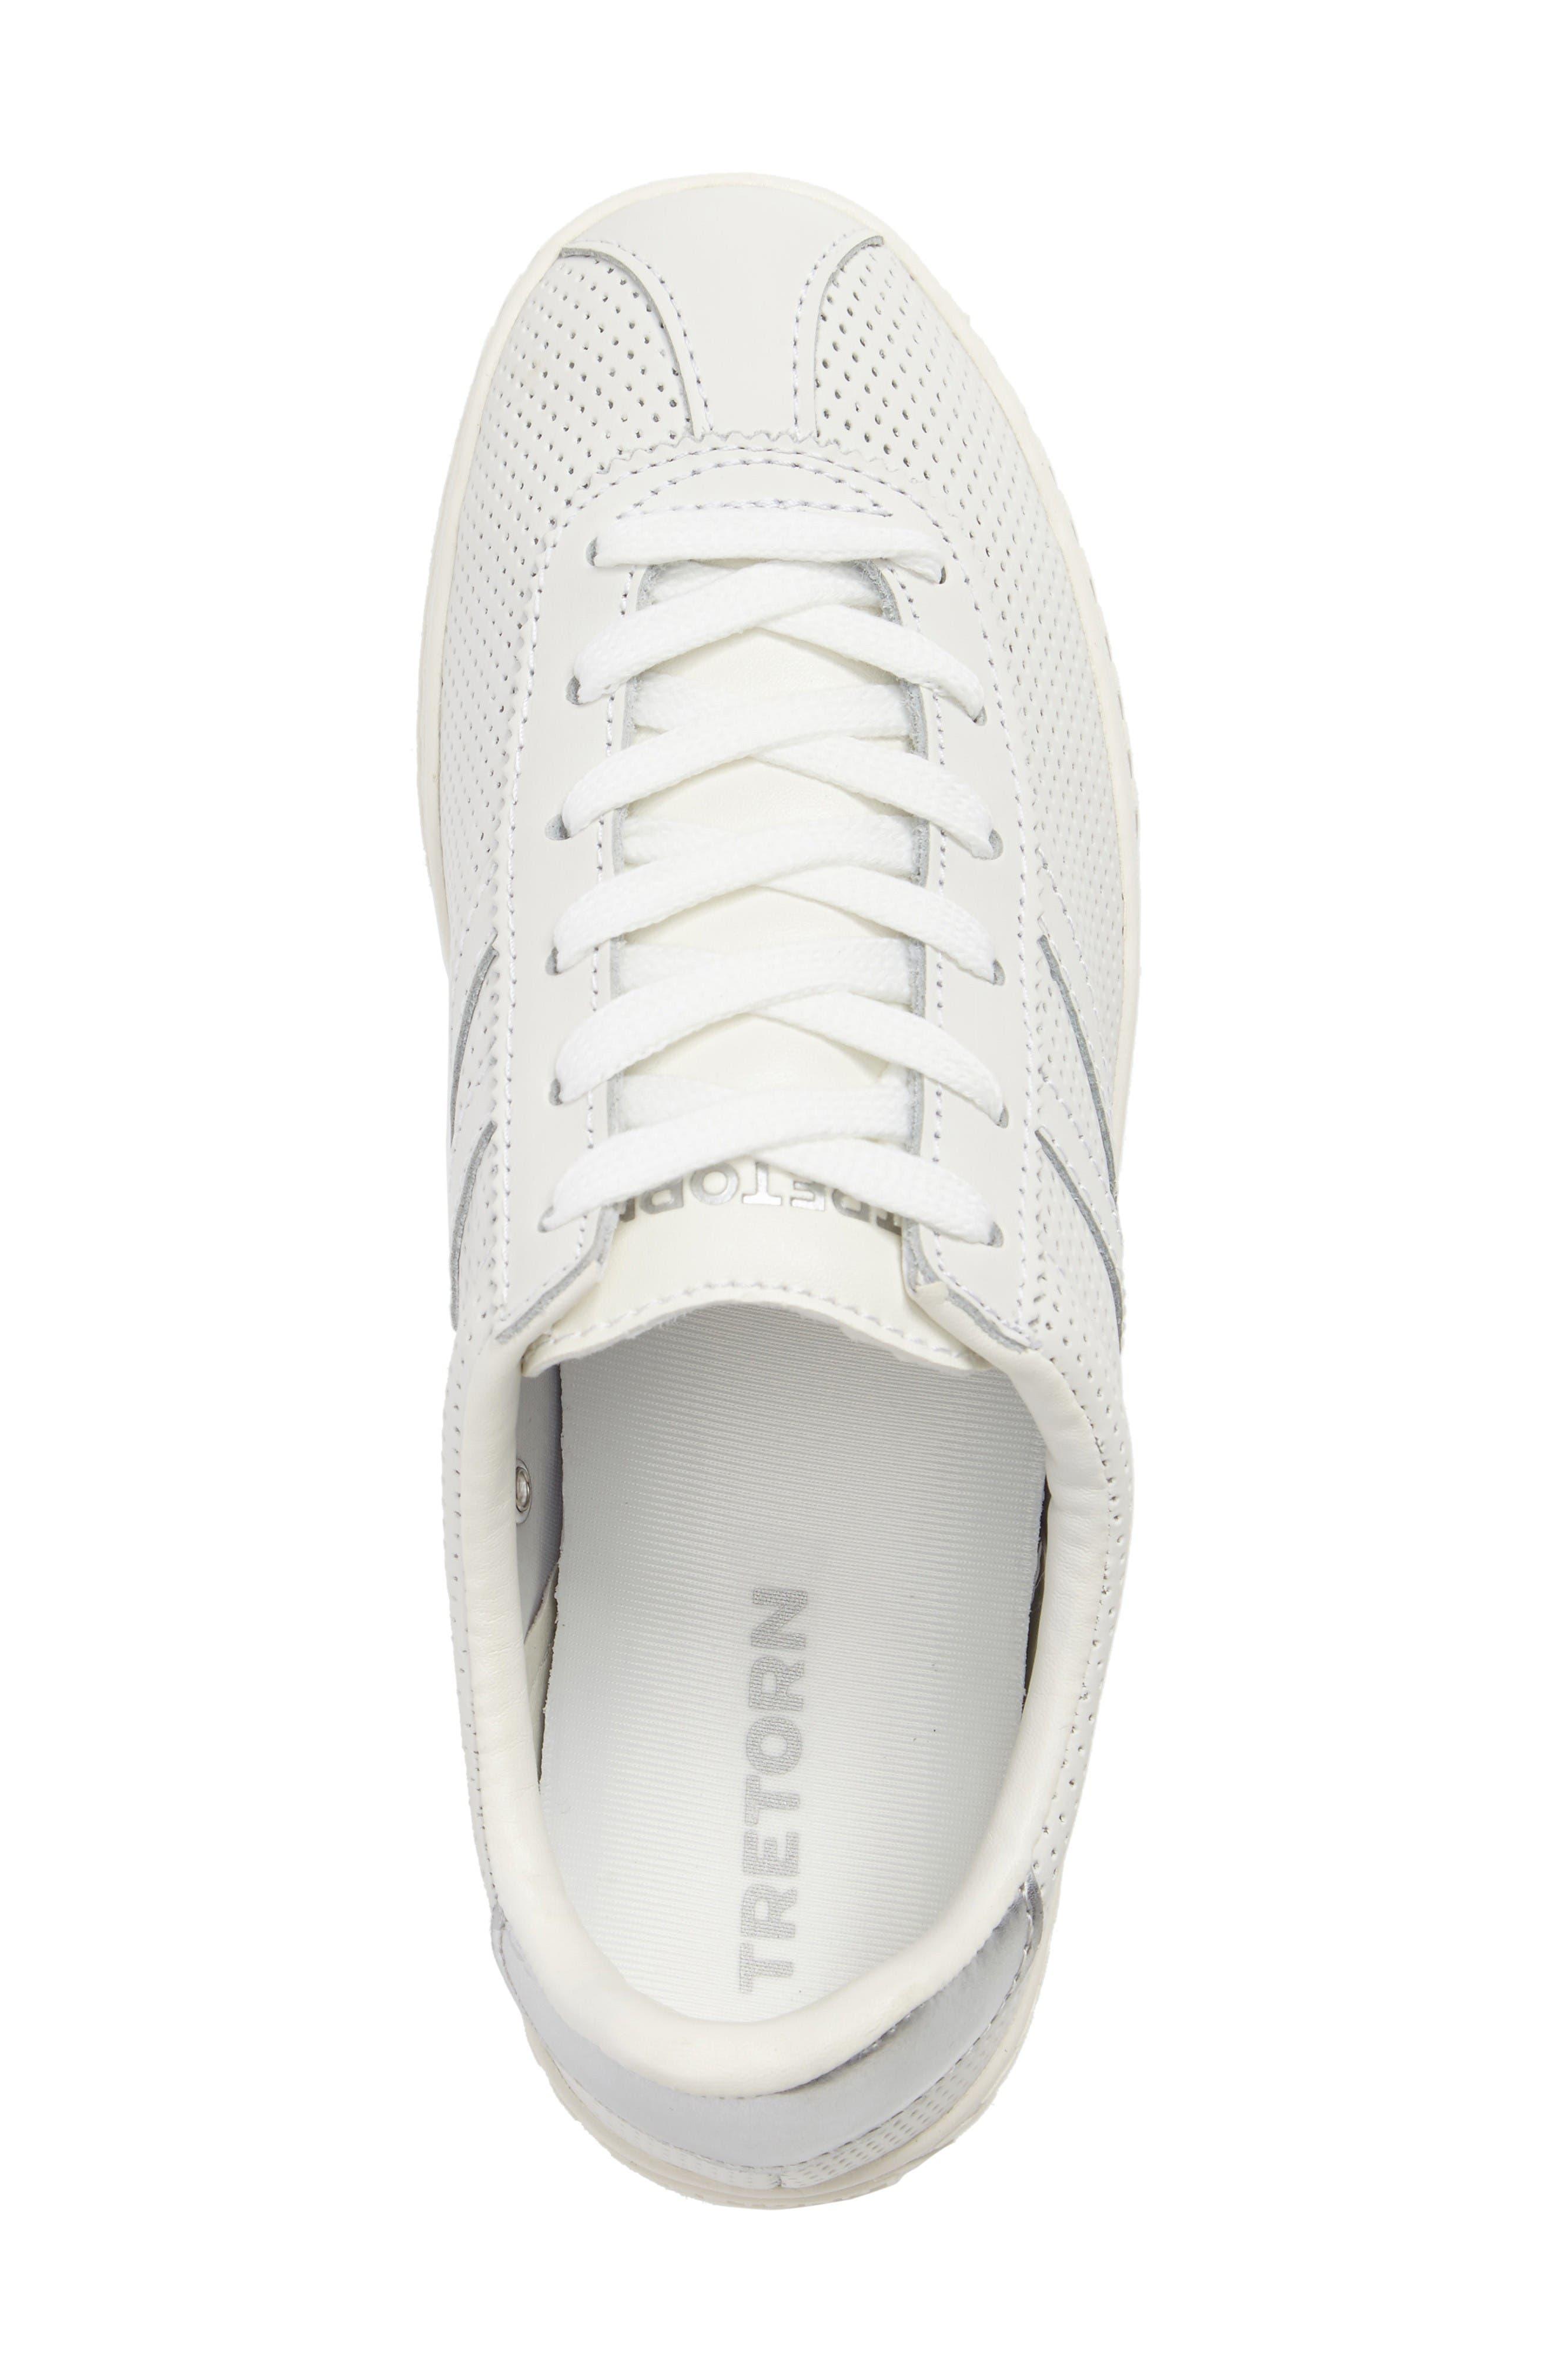 Camden 2 Sneaker,                             Alternate thumbnail 5, color,                             White/ White/ Silver